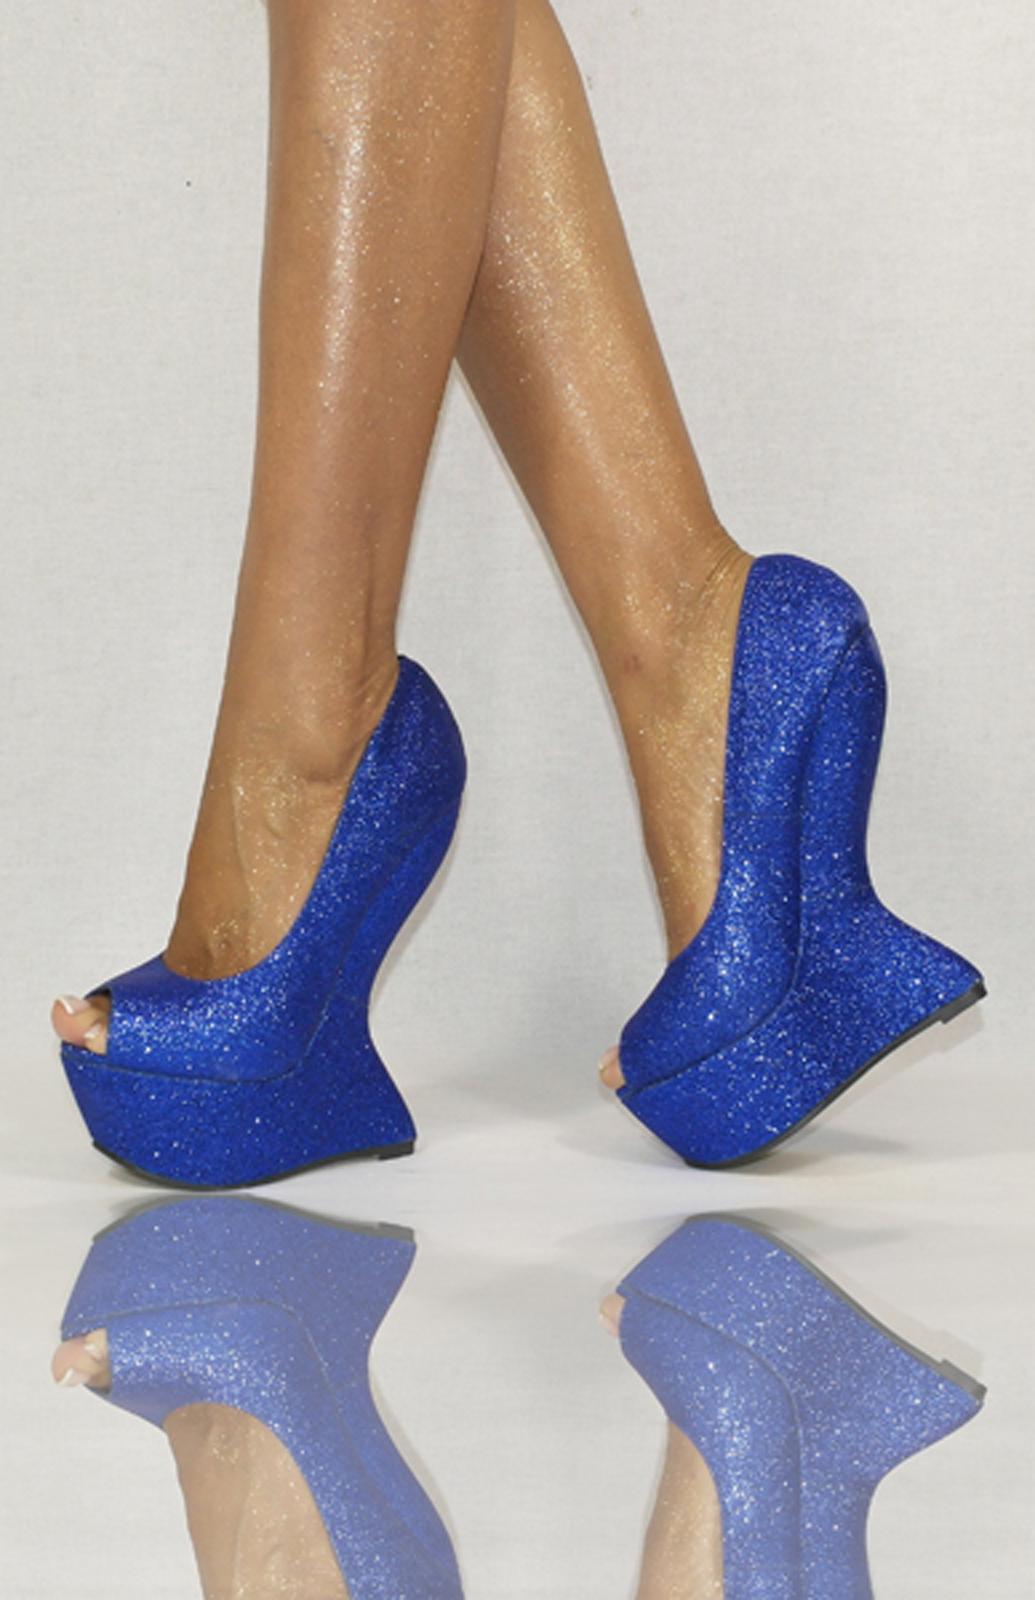 womens shoes pumps black pink blue gold red platform high. Black Bedroom Furniture Sets. Home Design Ideas